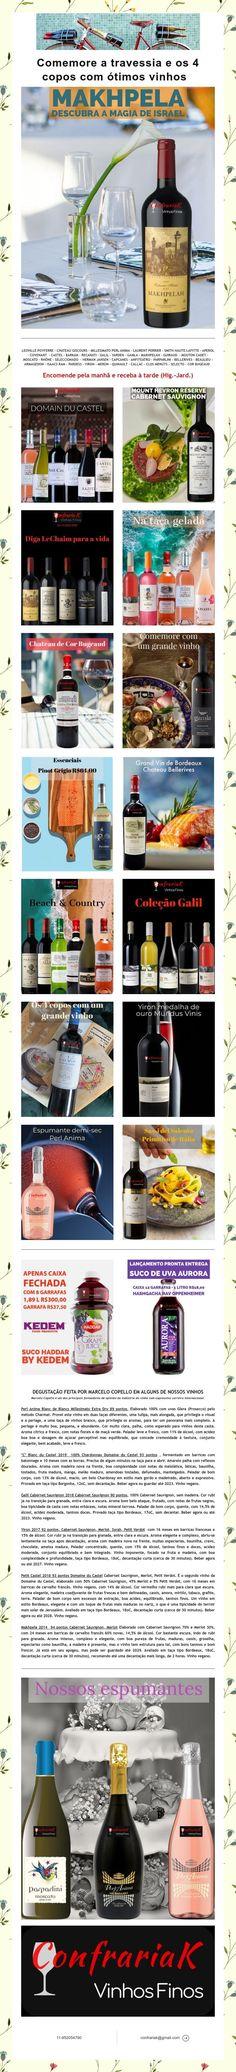 Comemore a travessia e os 4 copos com ótimos vinhos Mouton Cadet, Laurent Perrier, Cups